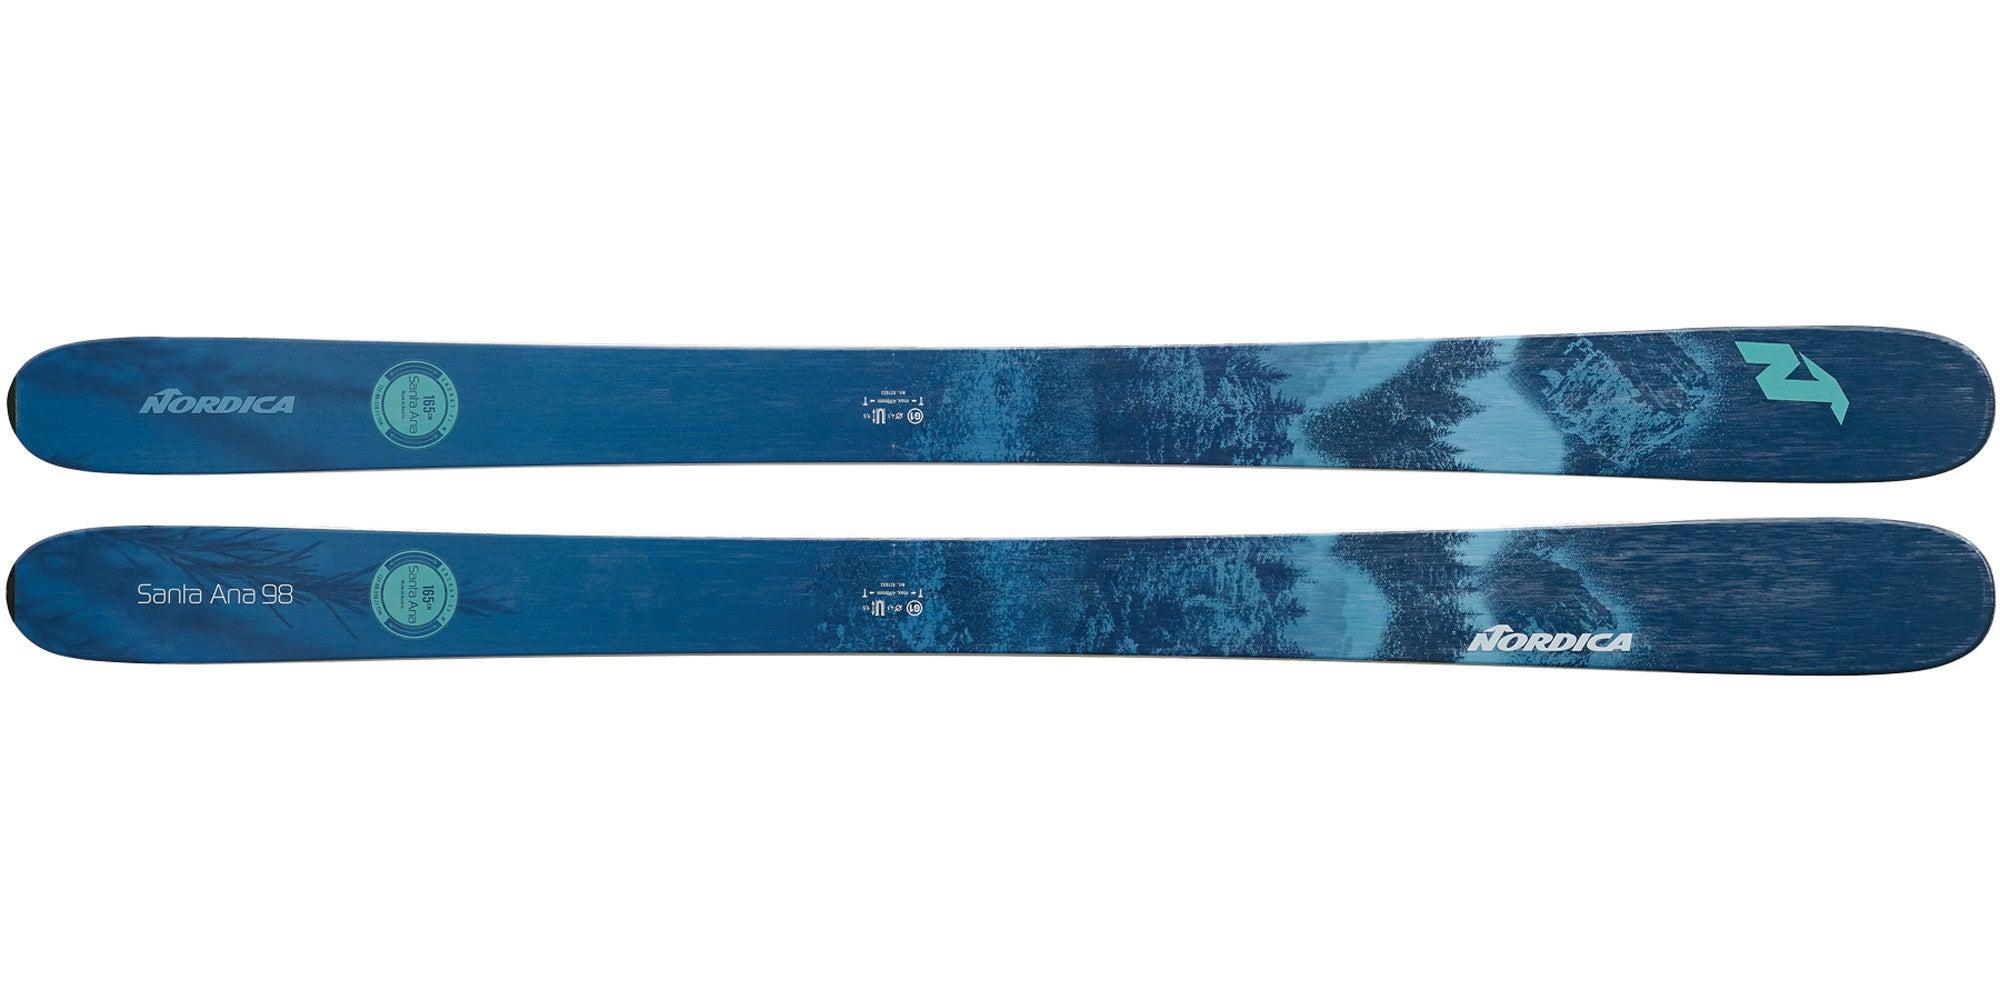 The 2021 Nordica Santa Ana 98 Women's All-Mountain Ski